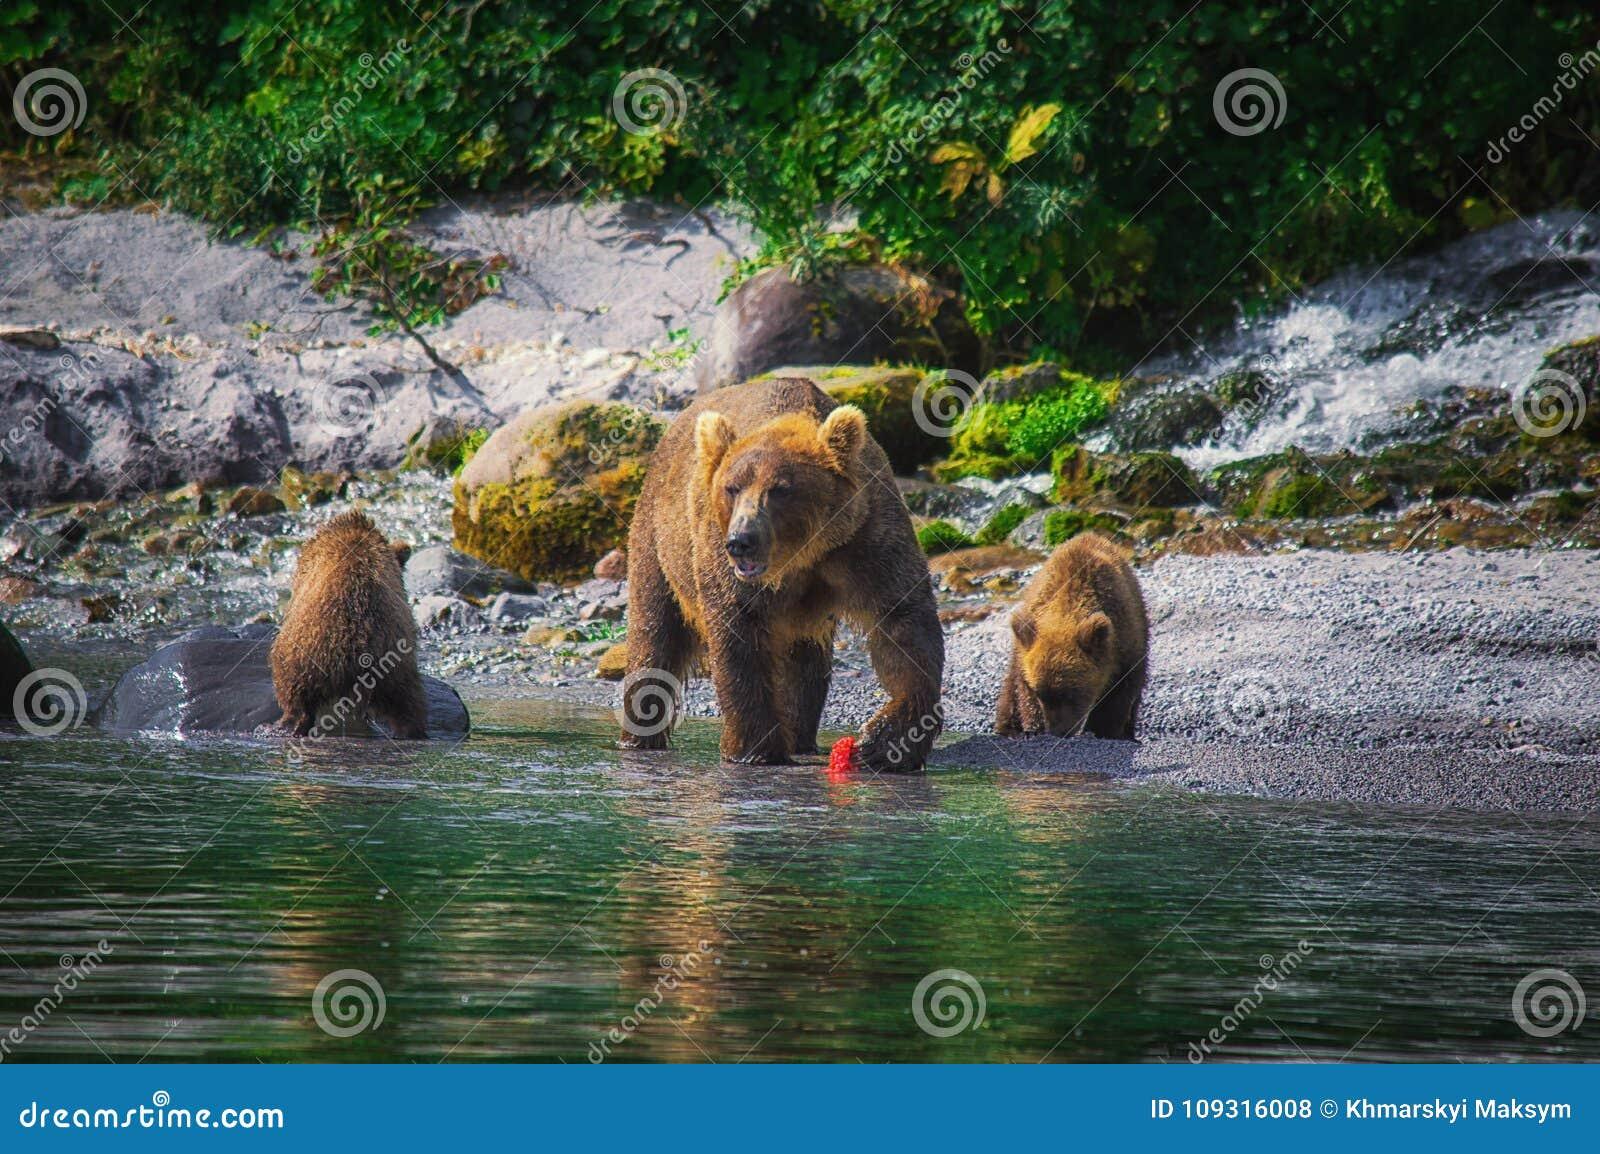 Kamchatka brown niedźwiedzia kobieta i niedźwiadkowych lisiątek chwyt łowimy na Kuril jeziorze Półwysep Kamczatka, Rosja